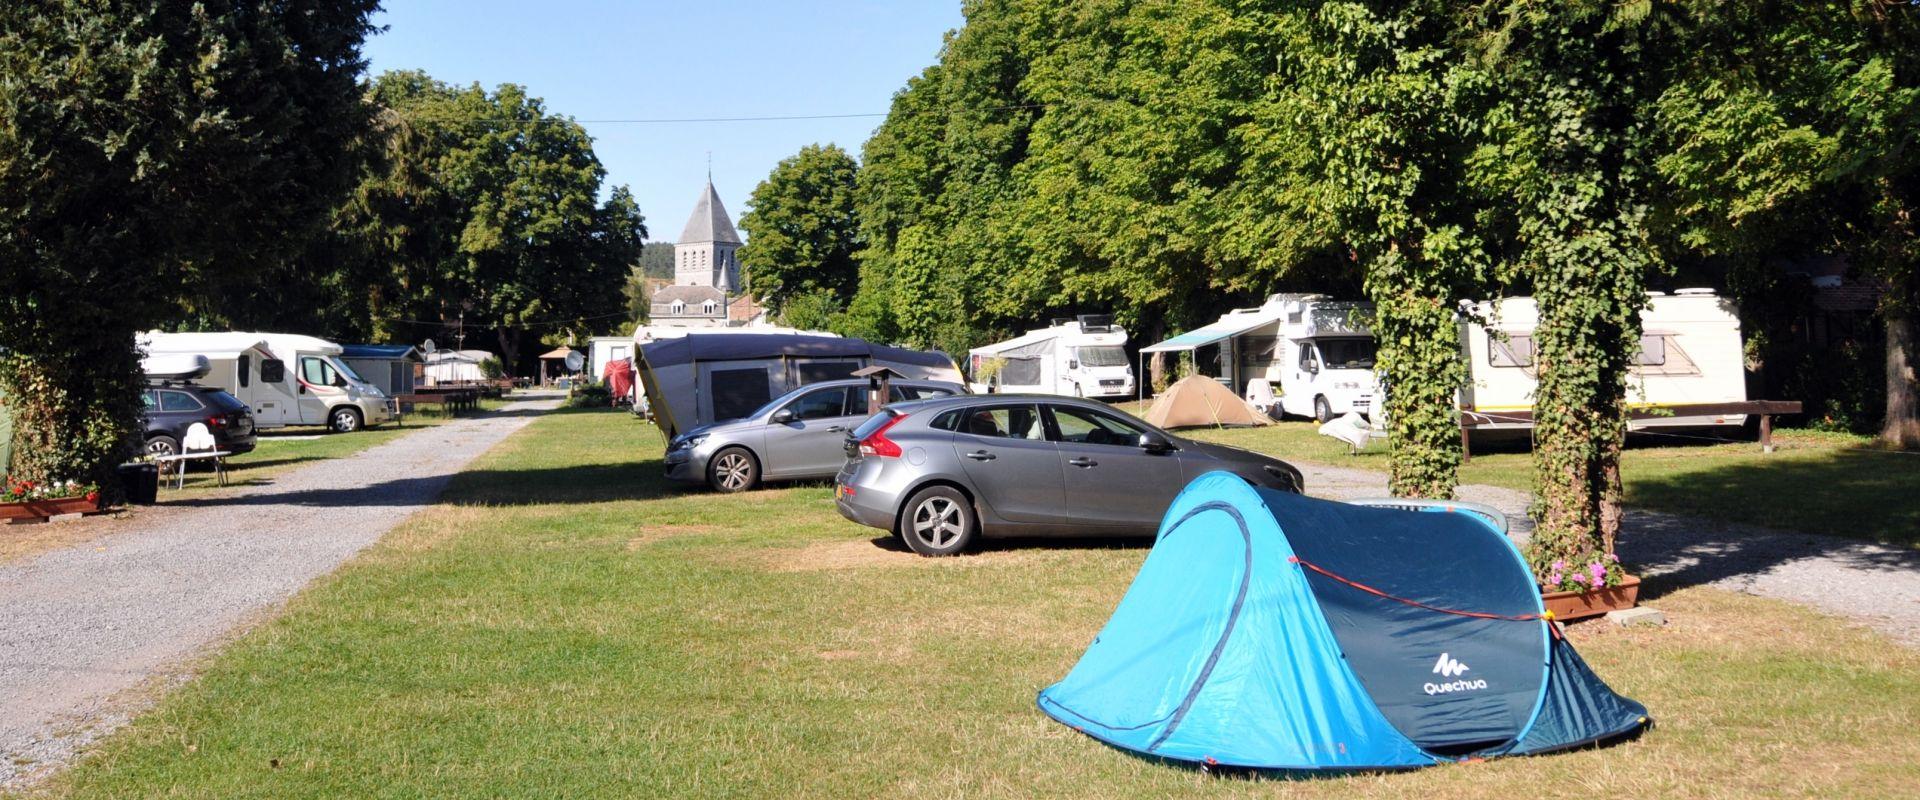 Notre Camping Un Cadre Parfait Domaine Des Grottes De Han